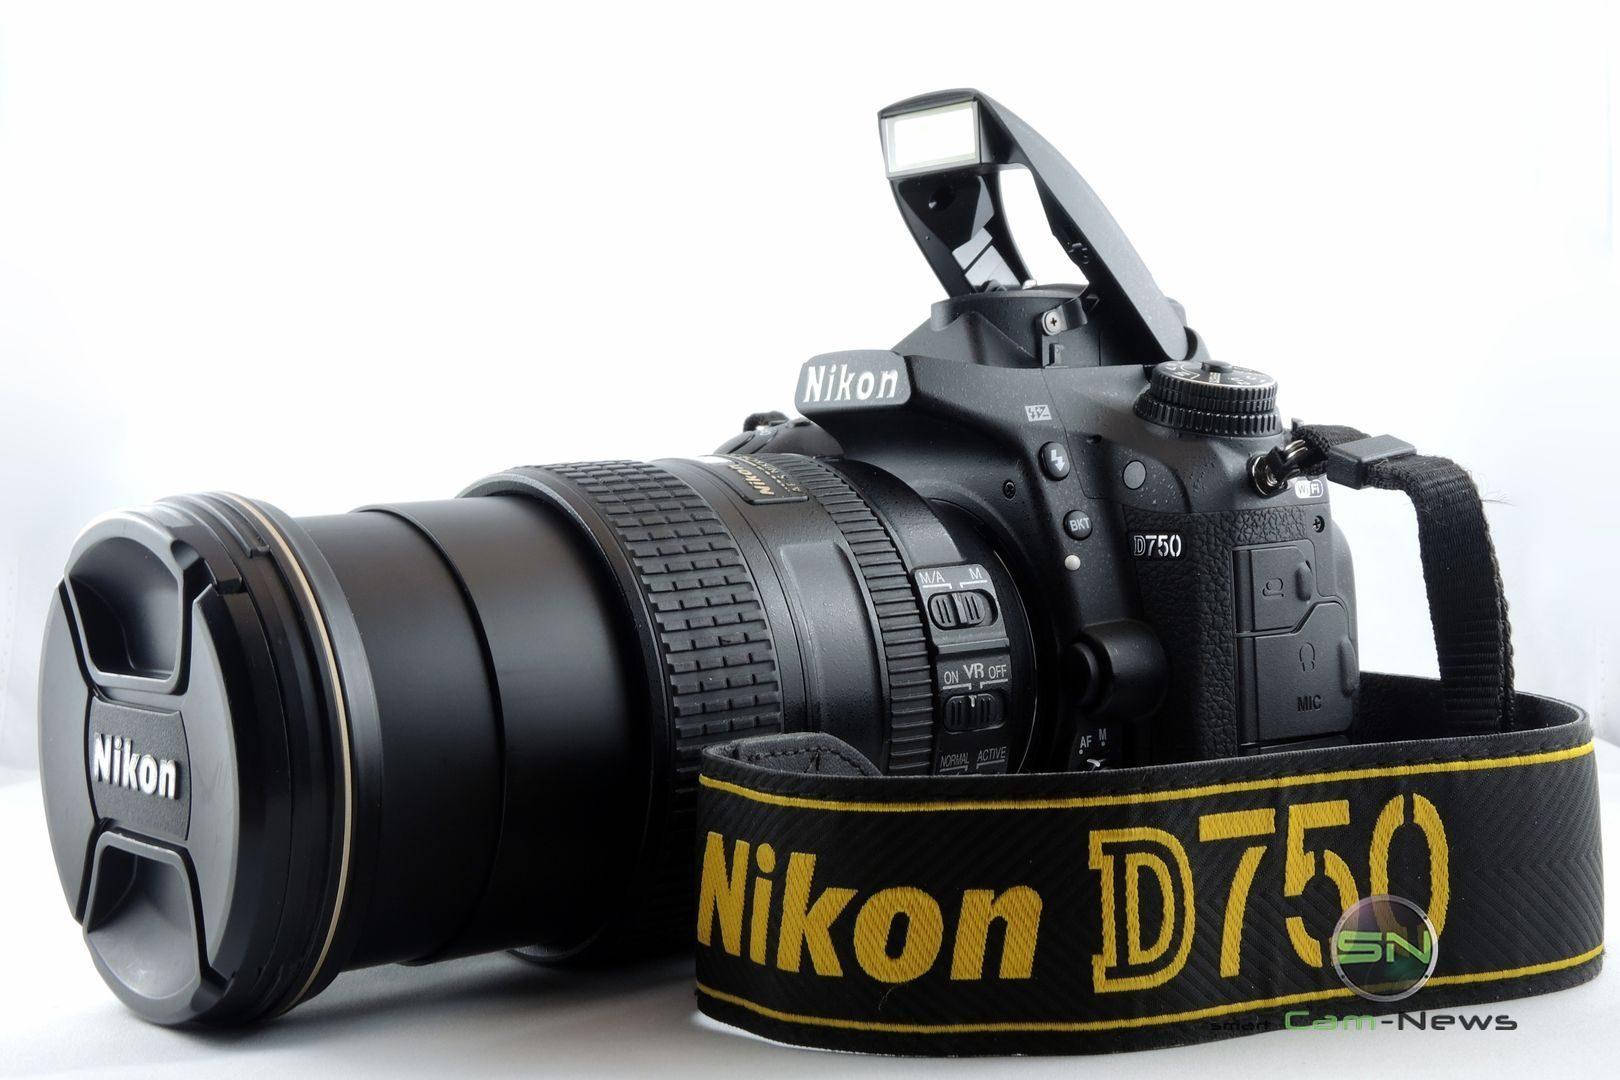 120mm Nikon D750 - SmartCamNews